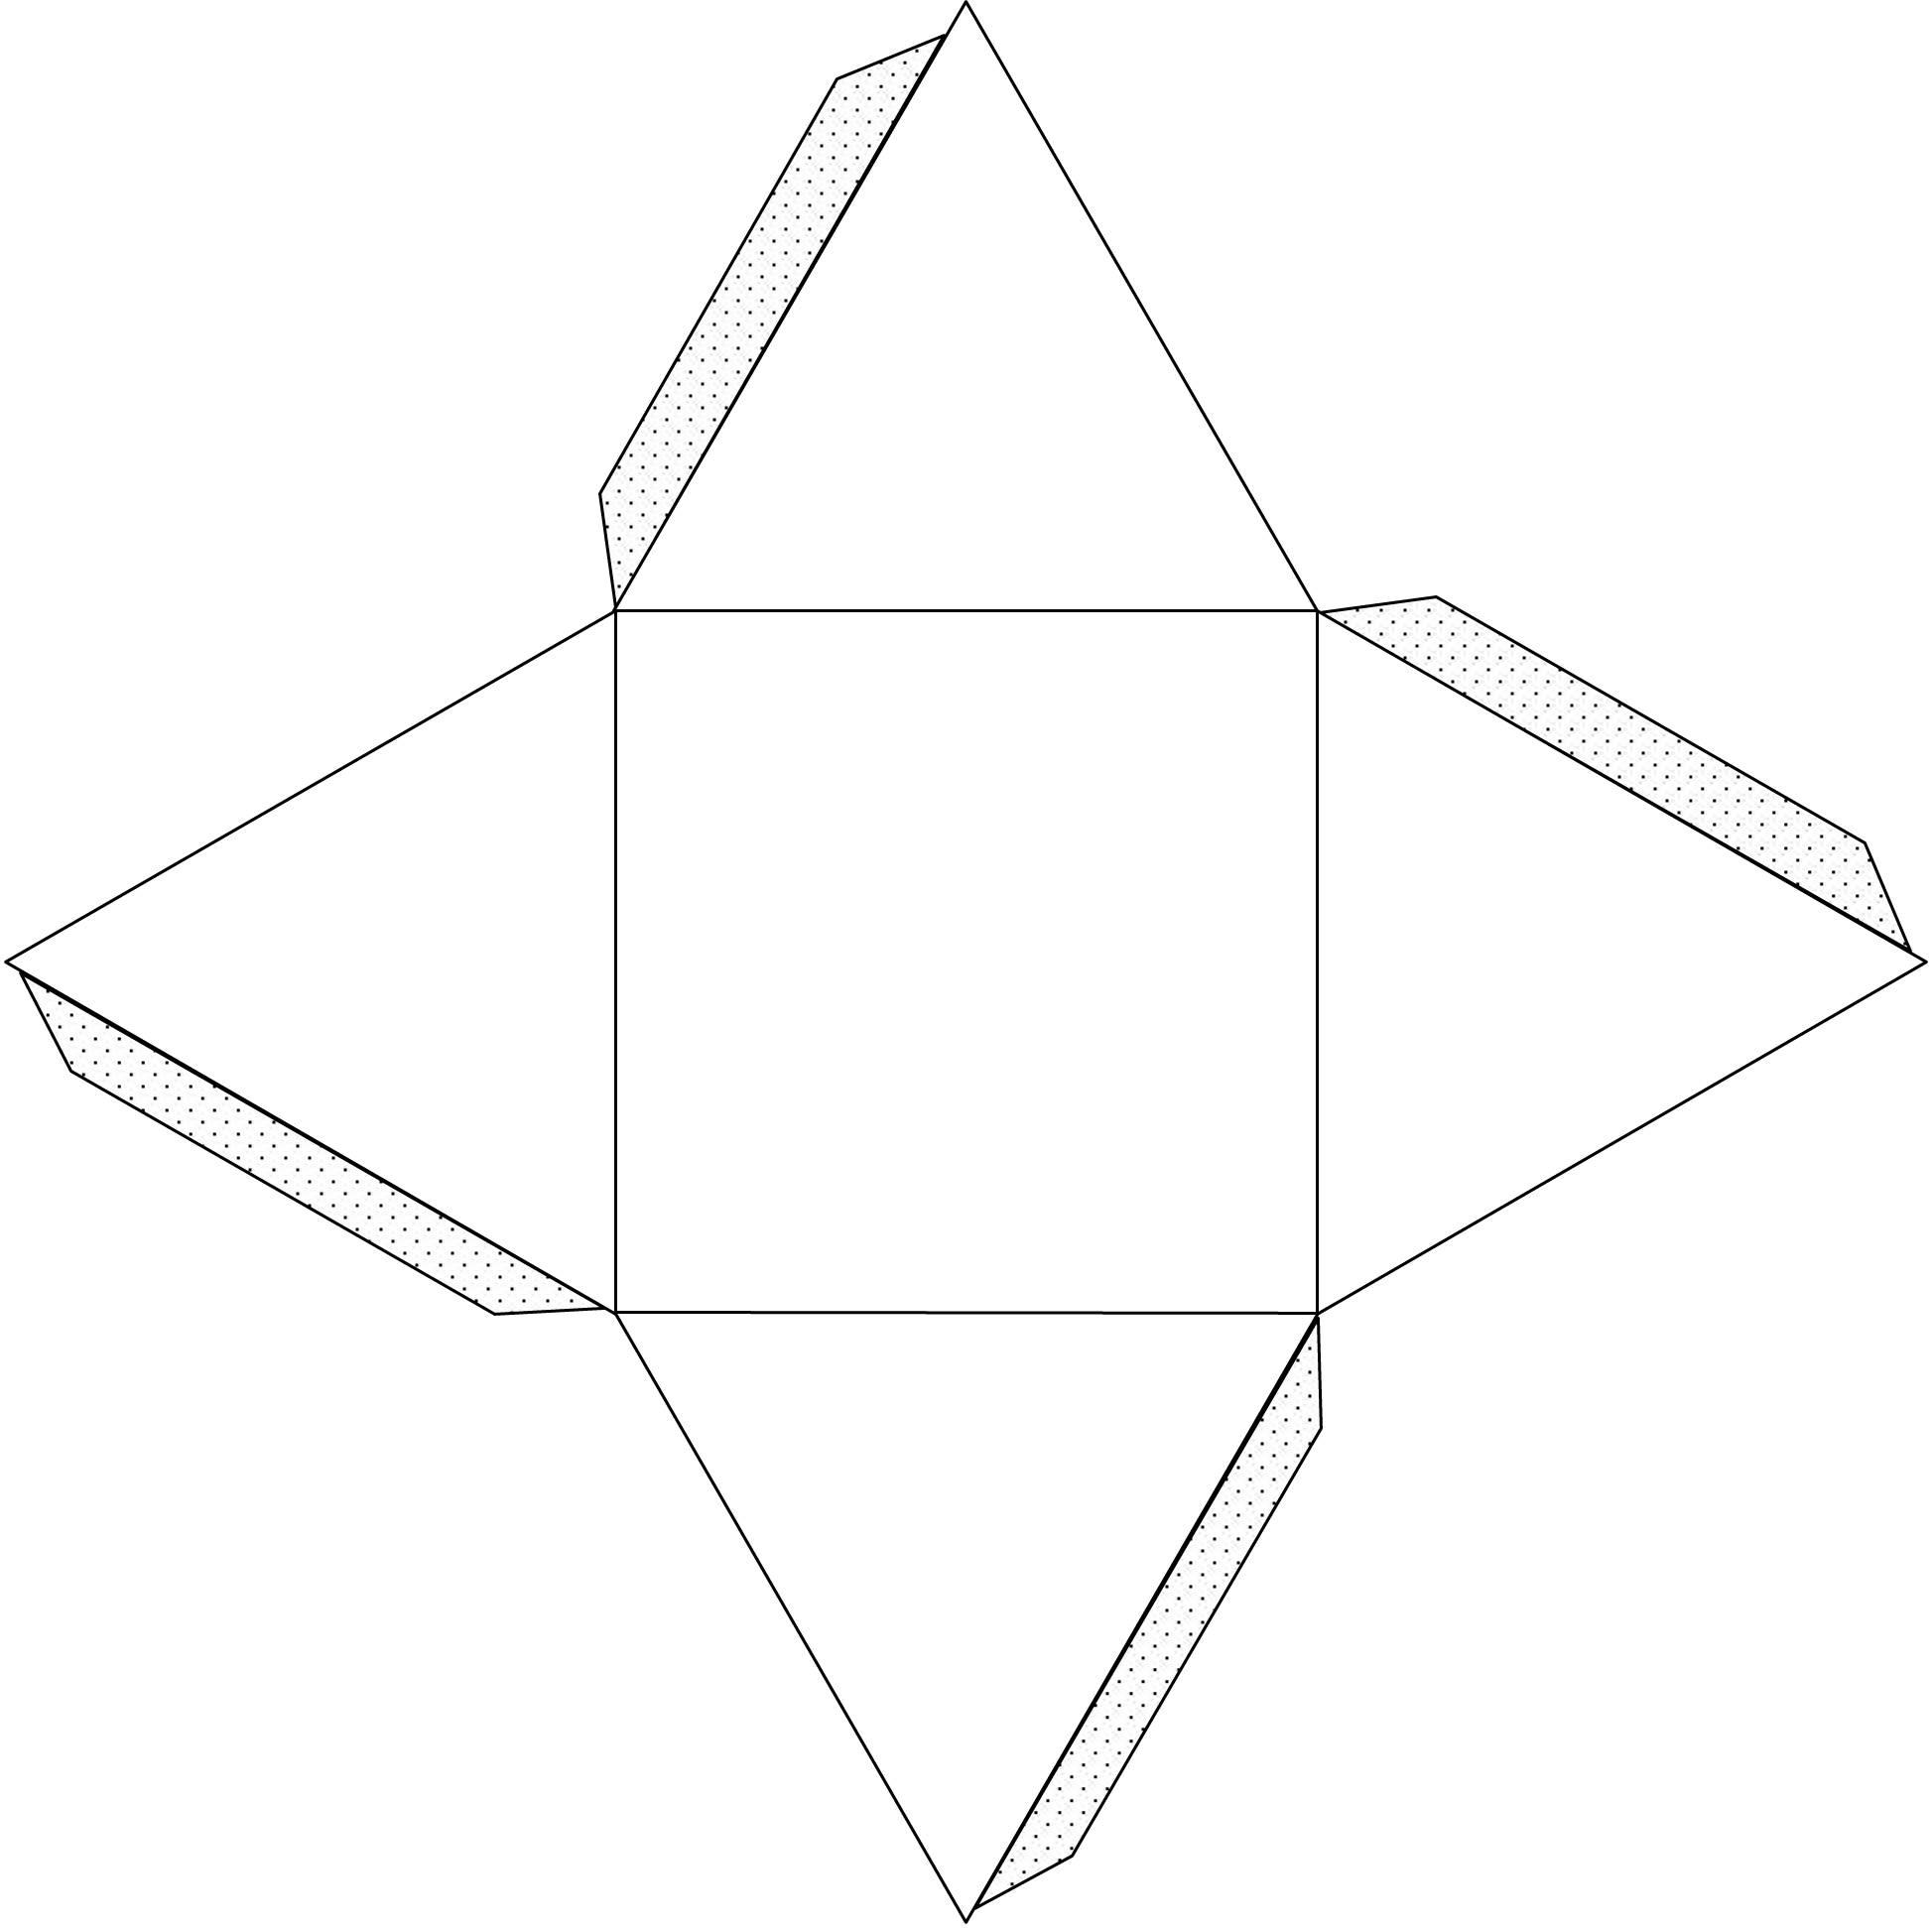 Как сделать пирамиду своими руками из картона